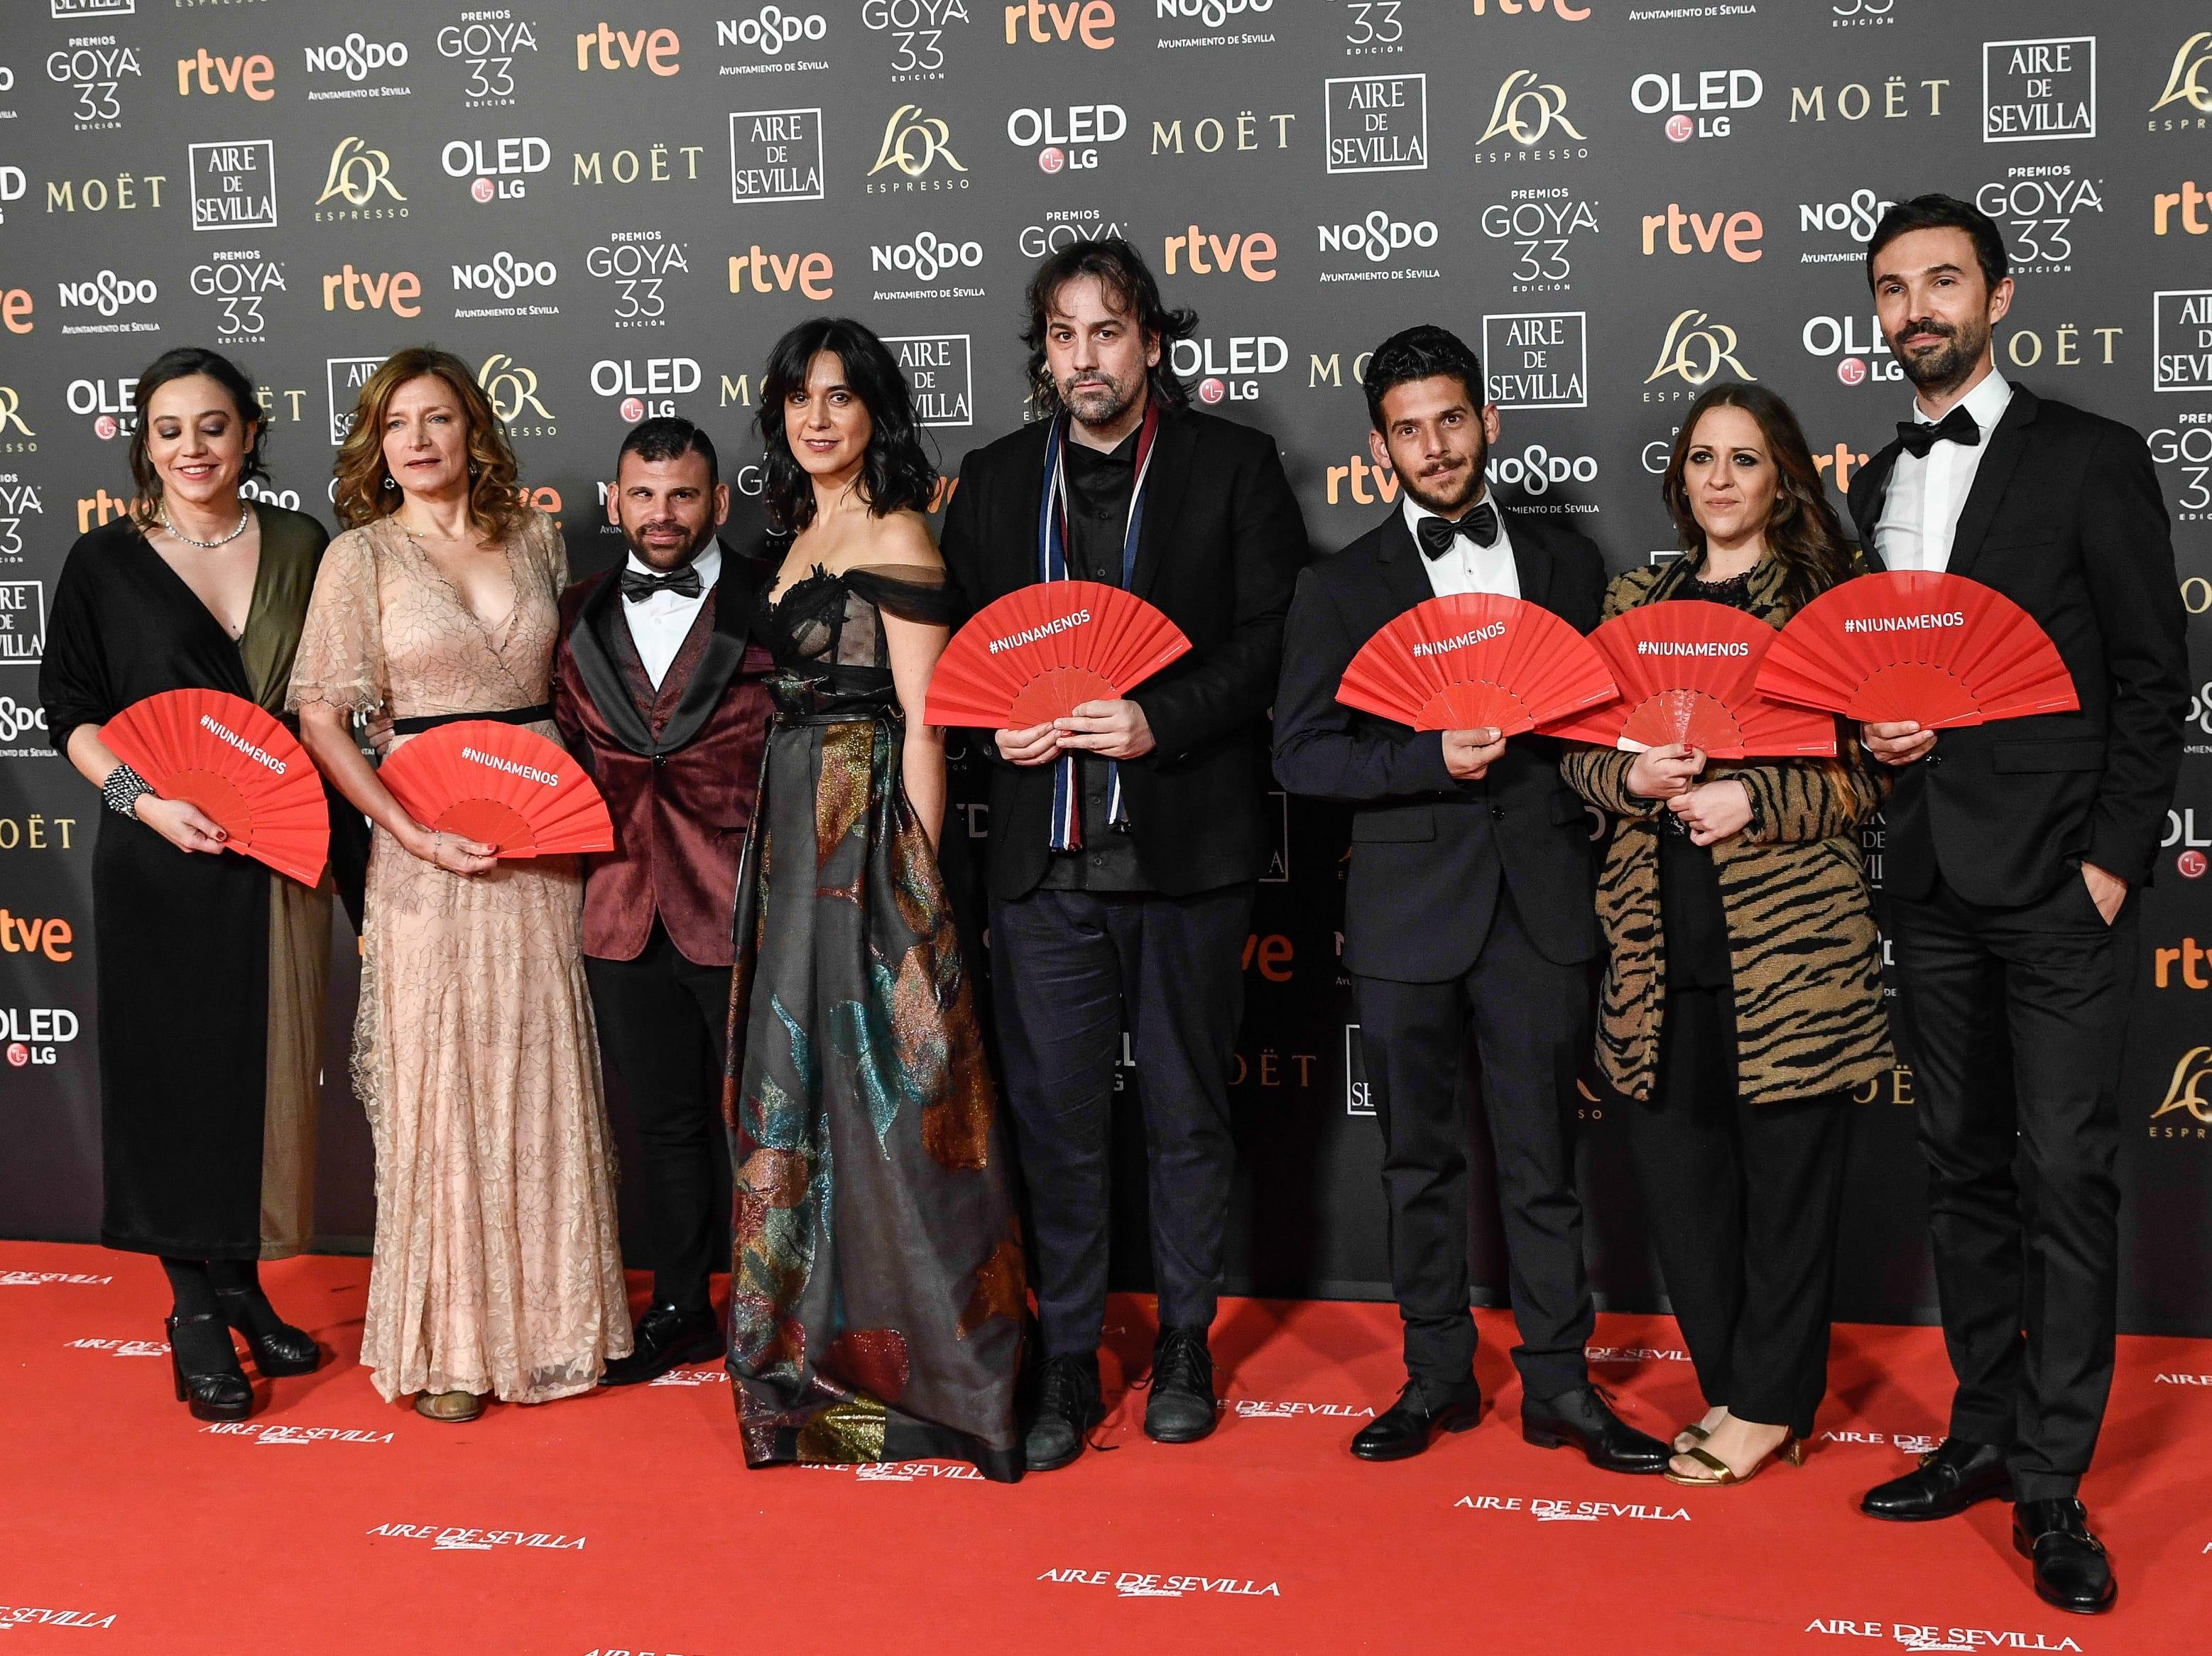 El elenco y producción de 'Entre ods Aguas' asiste a la 33ª edición de los Premios de Cine Goya en el Palacio de Congresos y Exposiciones FIBES el 2 de febrero de 2019 en Sevilla, España.